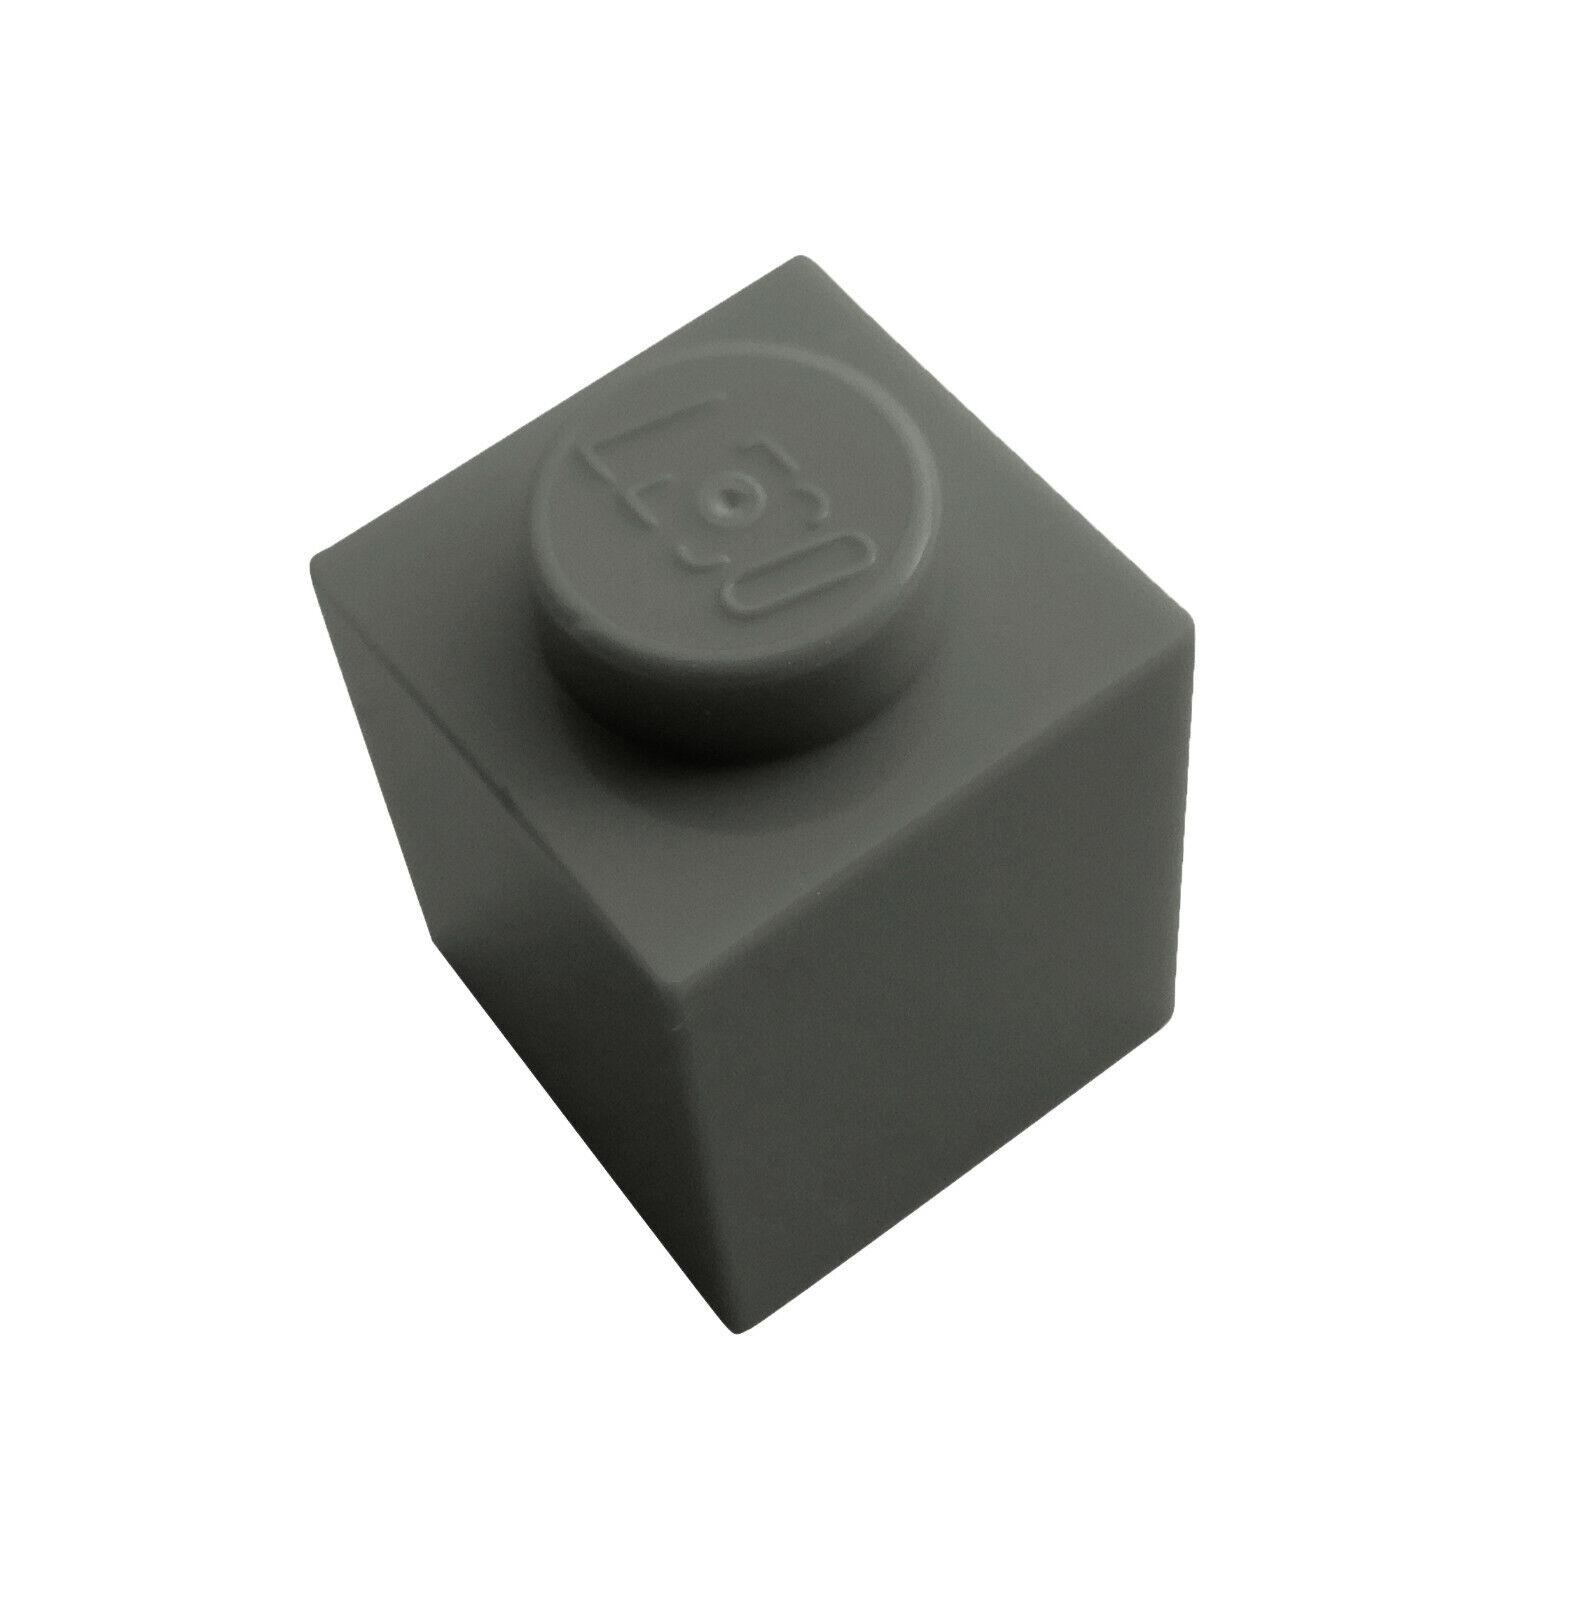 Lego 10x hellgraue Steine 1x1 Stein 3005 Neu light bluish gray brick bricks